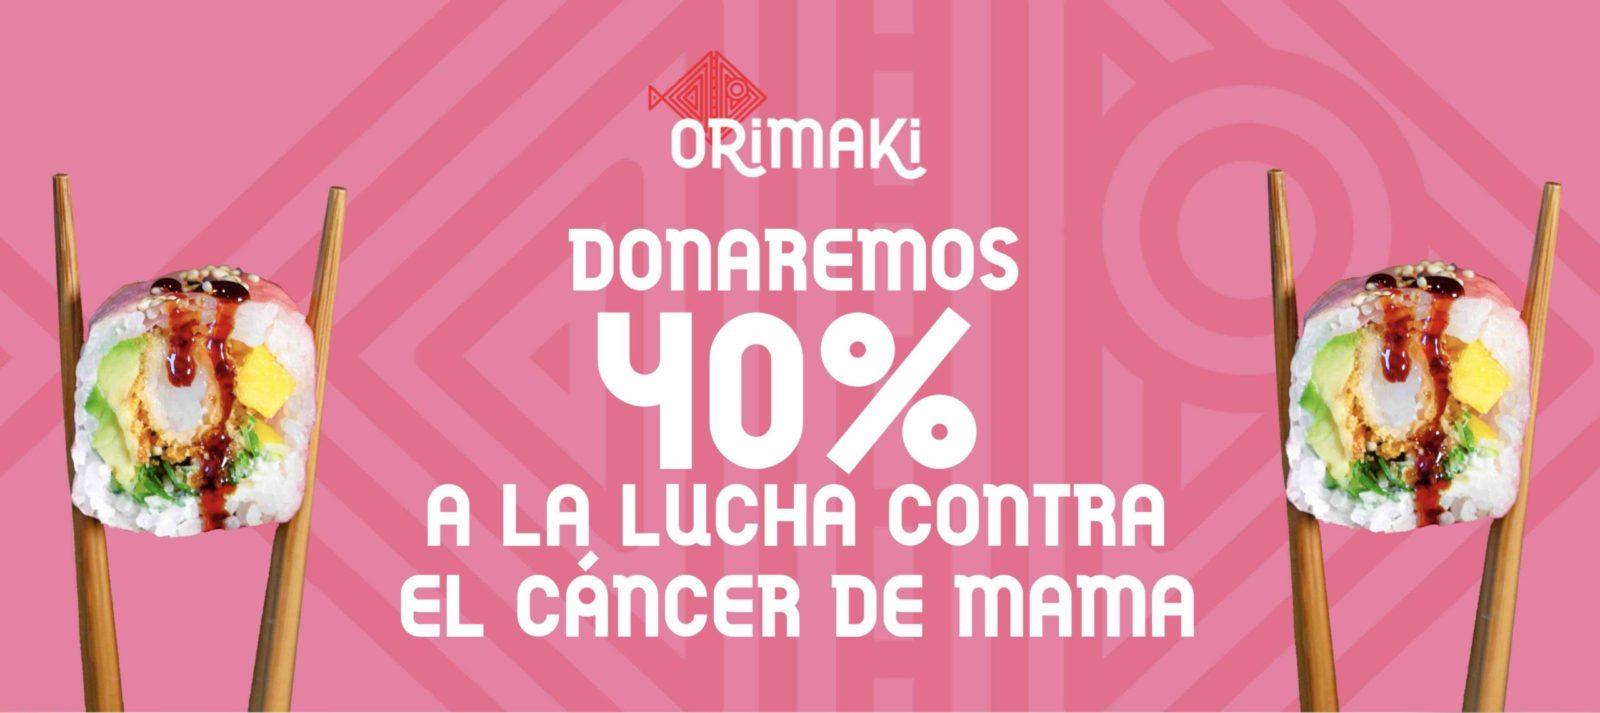 orimaki donación cáncer mama